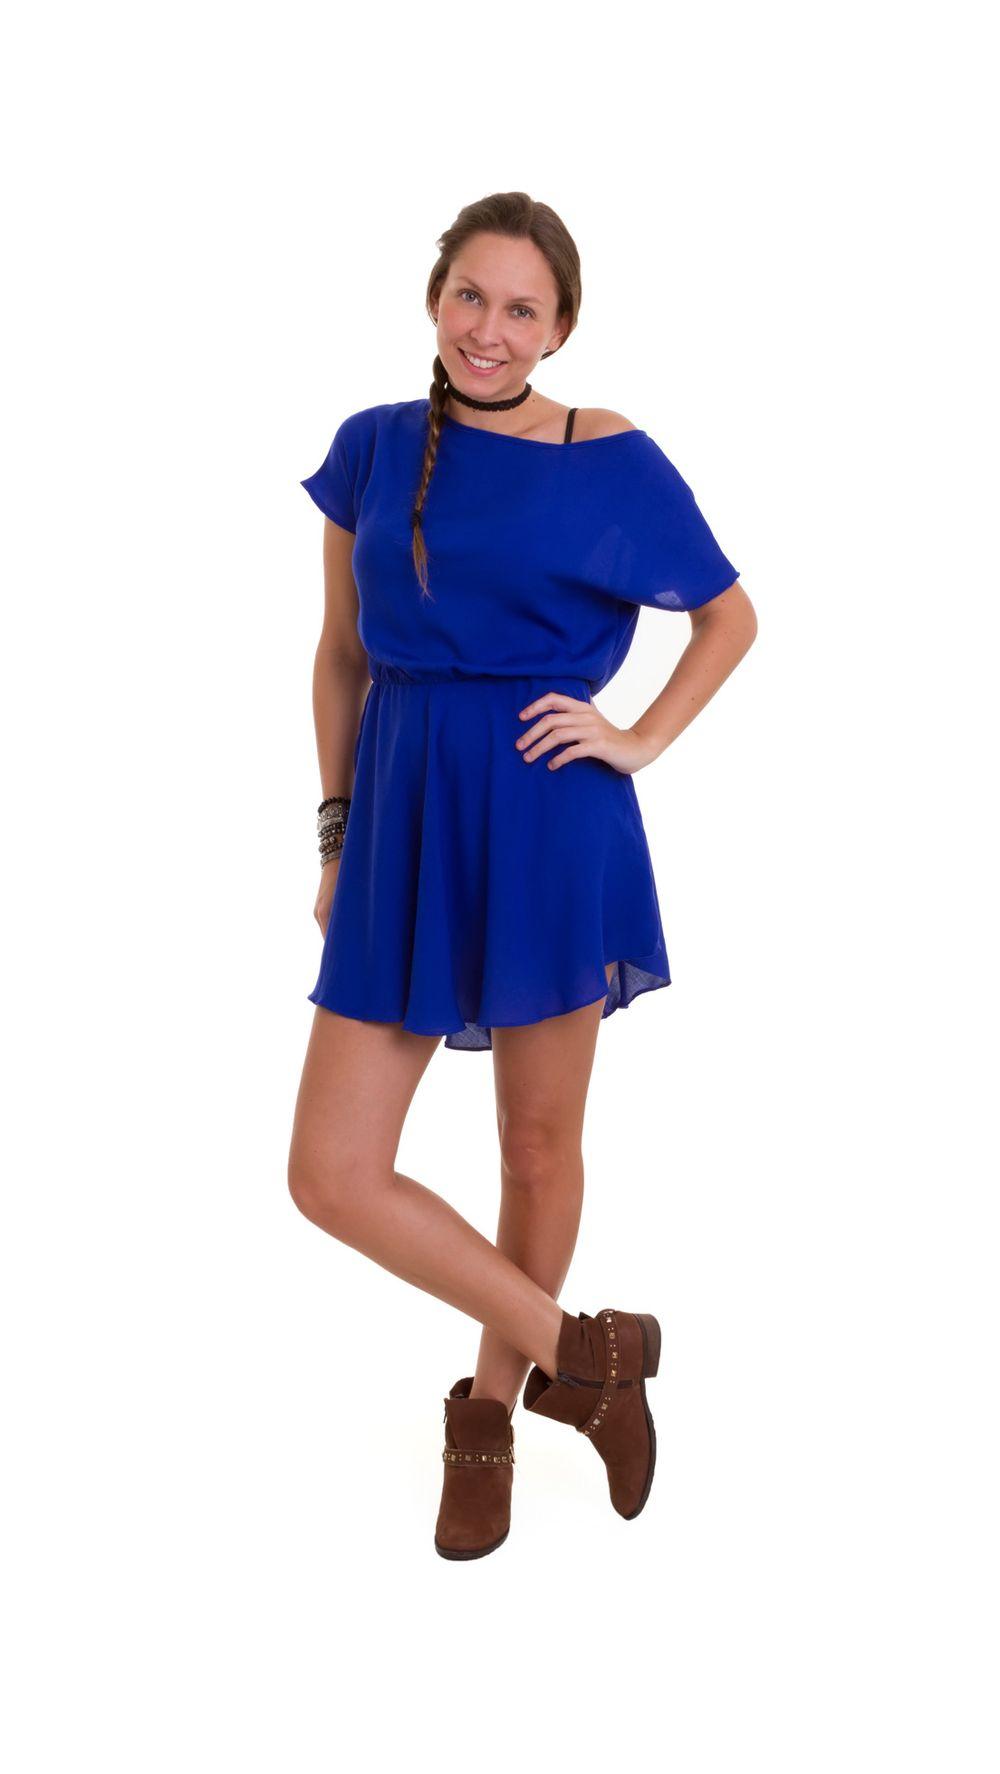 e8bbef189 Vestido em Shopmanola - Vestido - Modelo - Curto Azul G – shopmanola